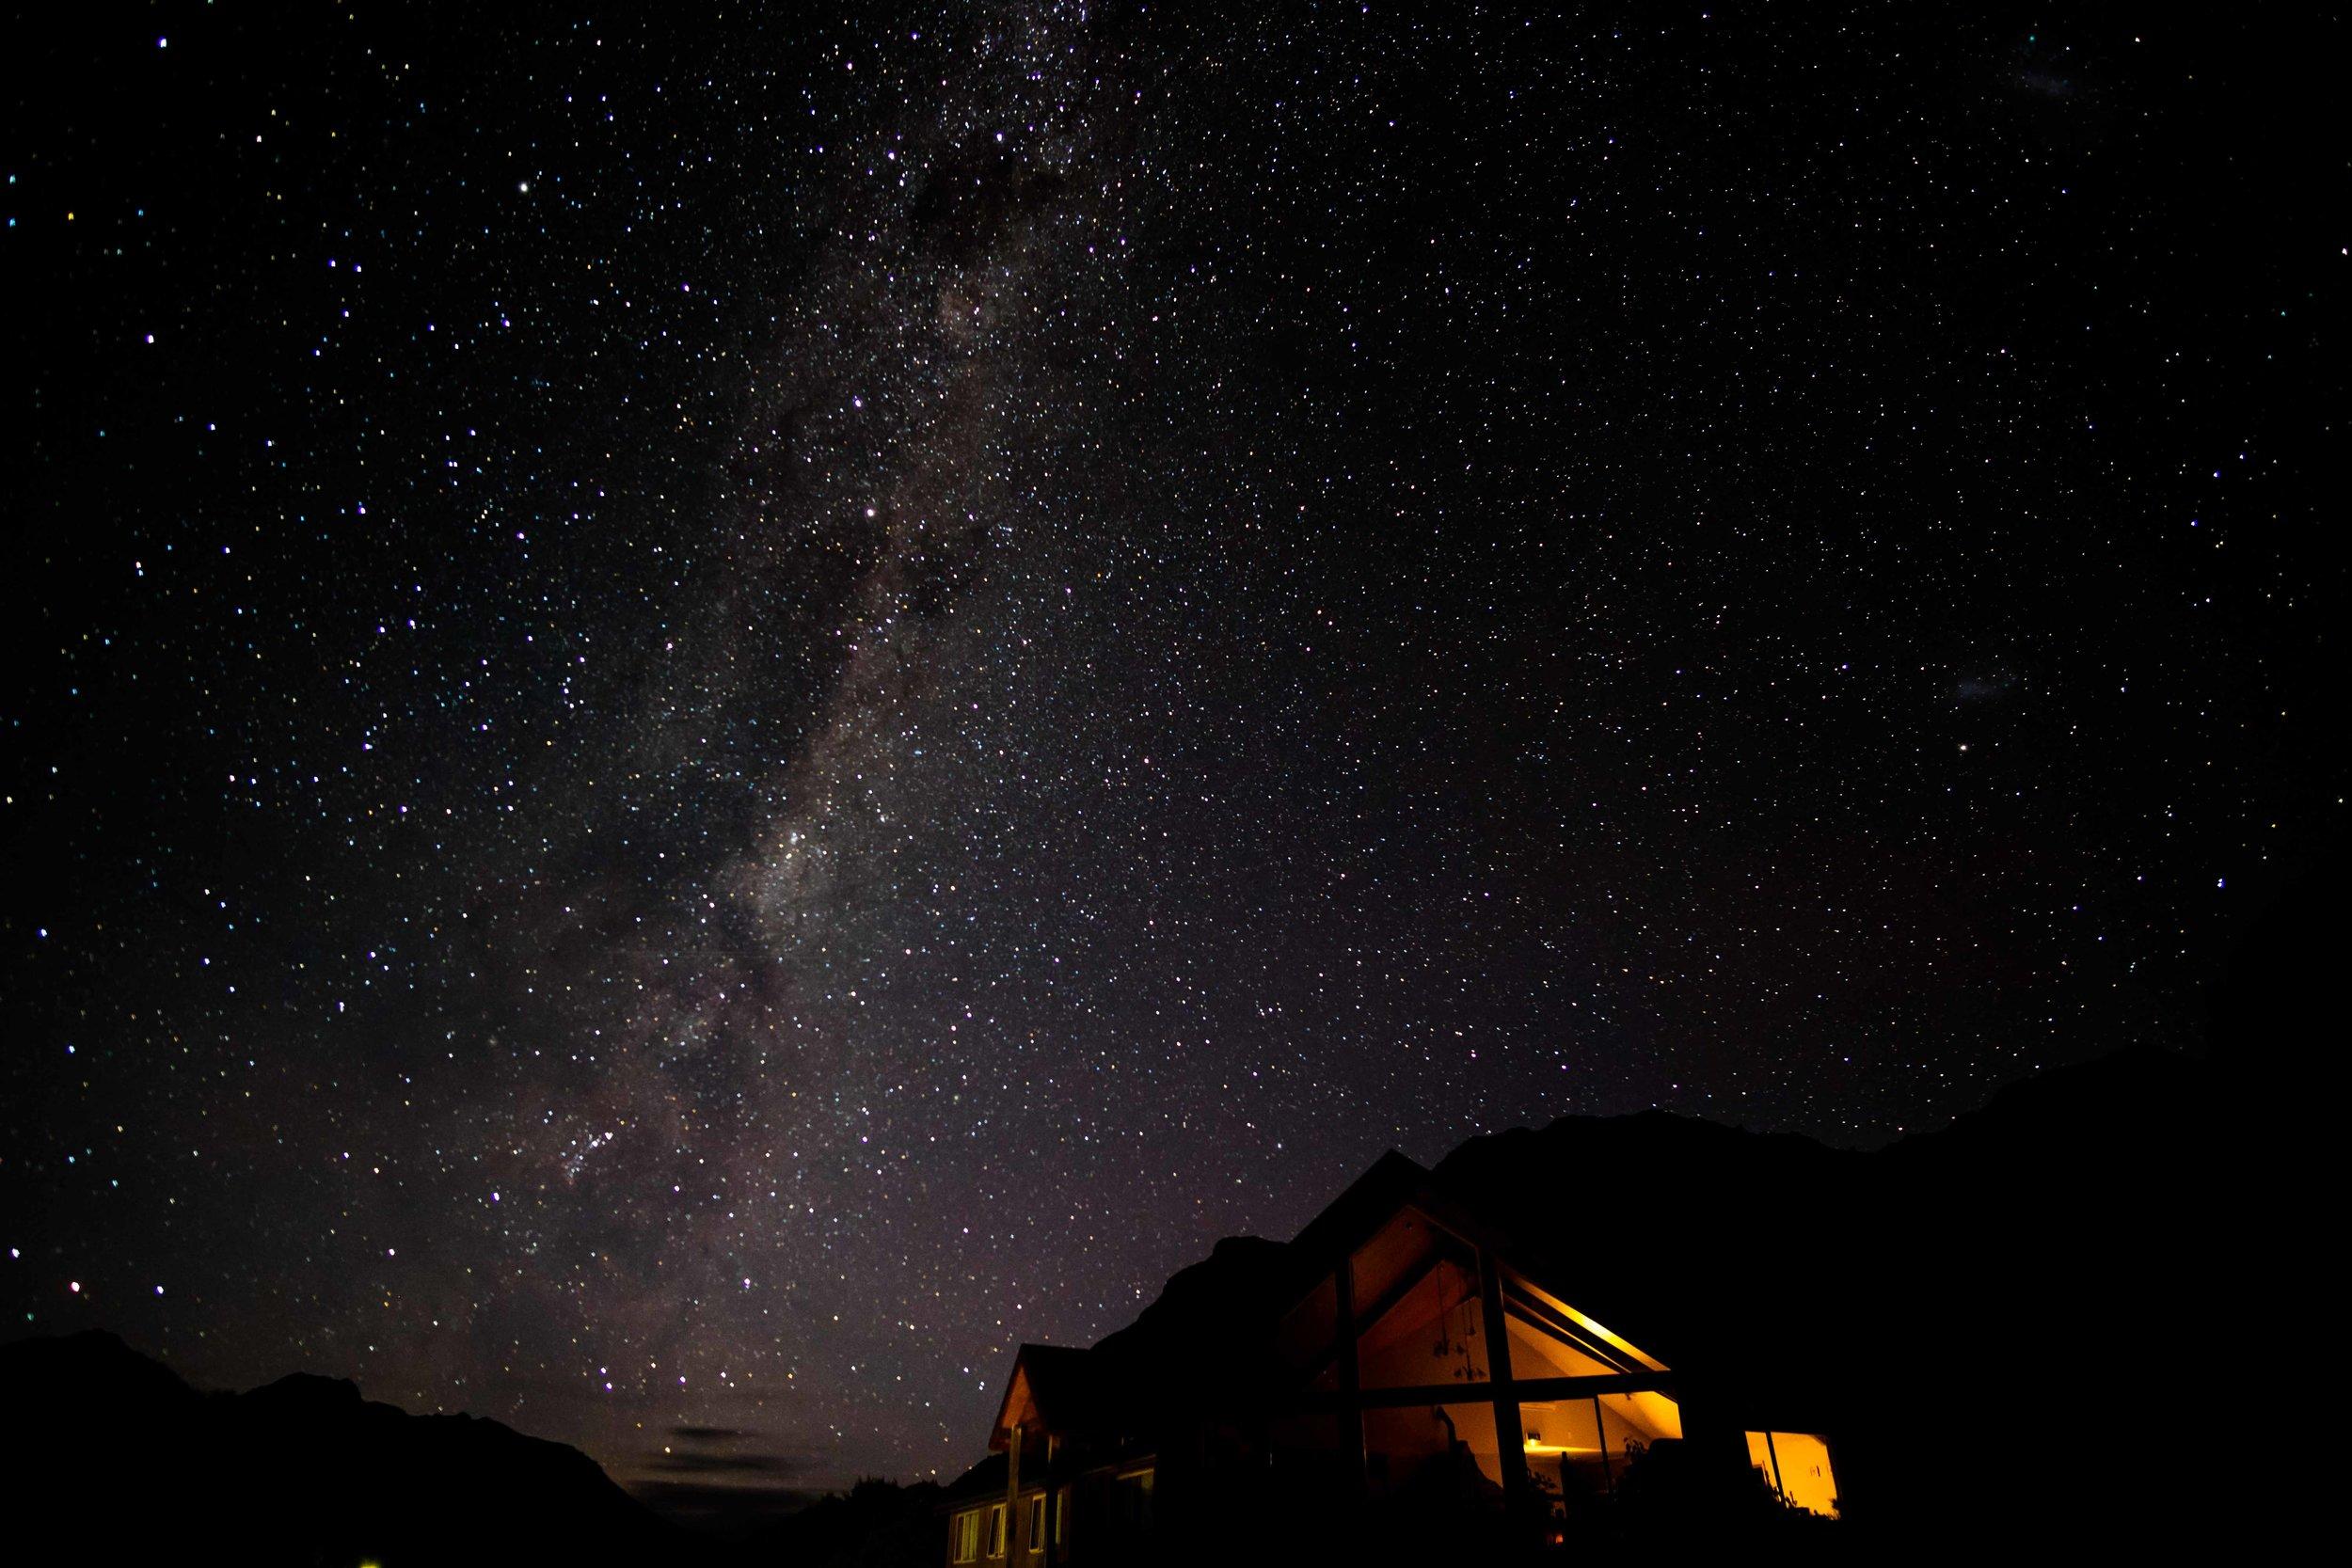 Milky Way in Mt. Cook Village, NZ.